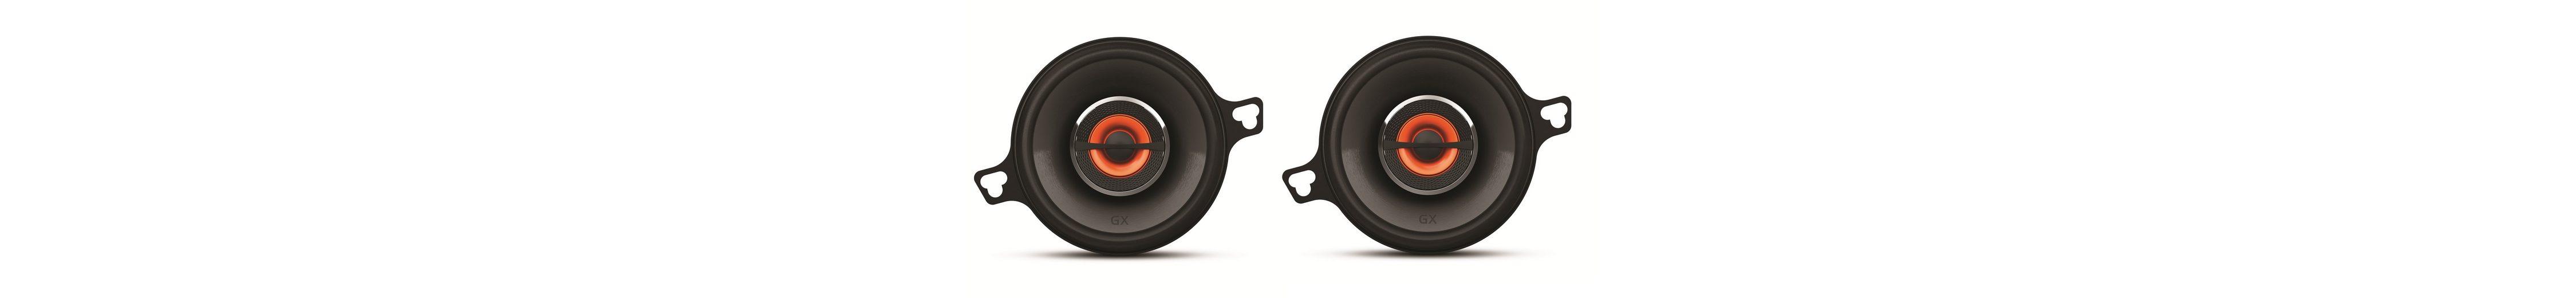 JBL 2-Wege Koaxial Autolautsprecher »GX 302 (Paar)«